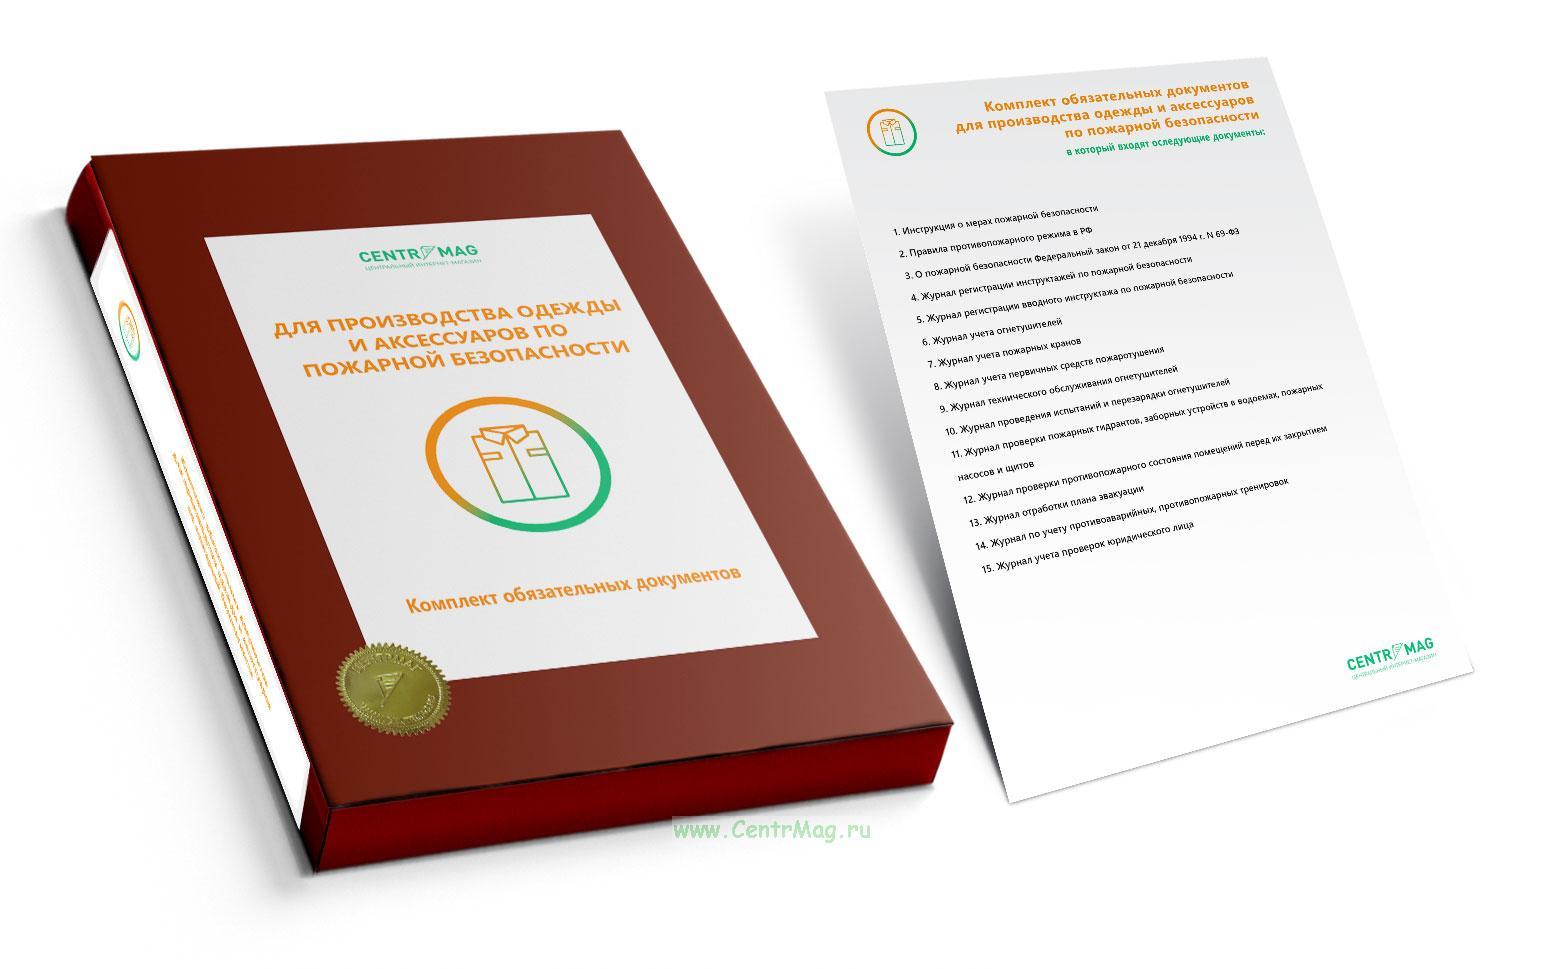 Комплект обязательных документов для производства одежды и аксессуаров по пожарной безопасности